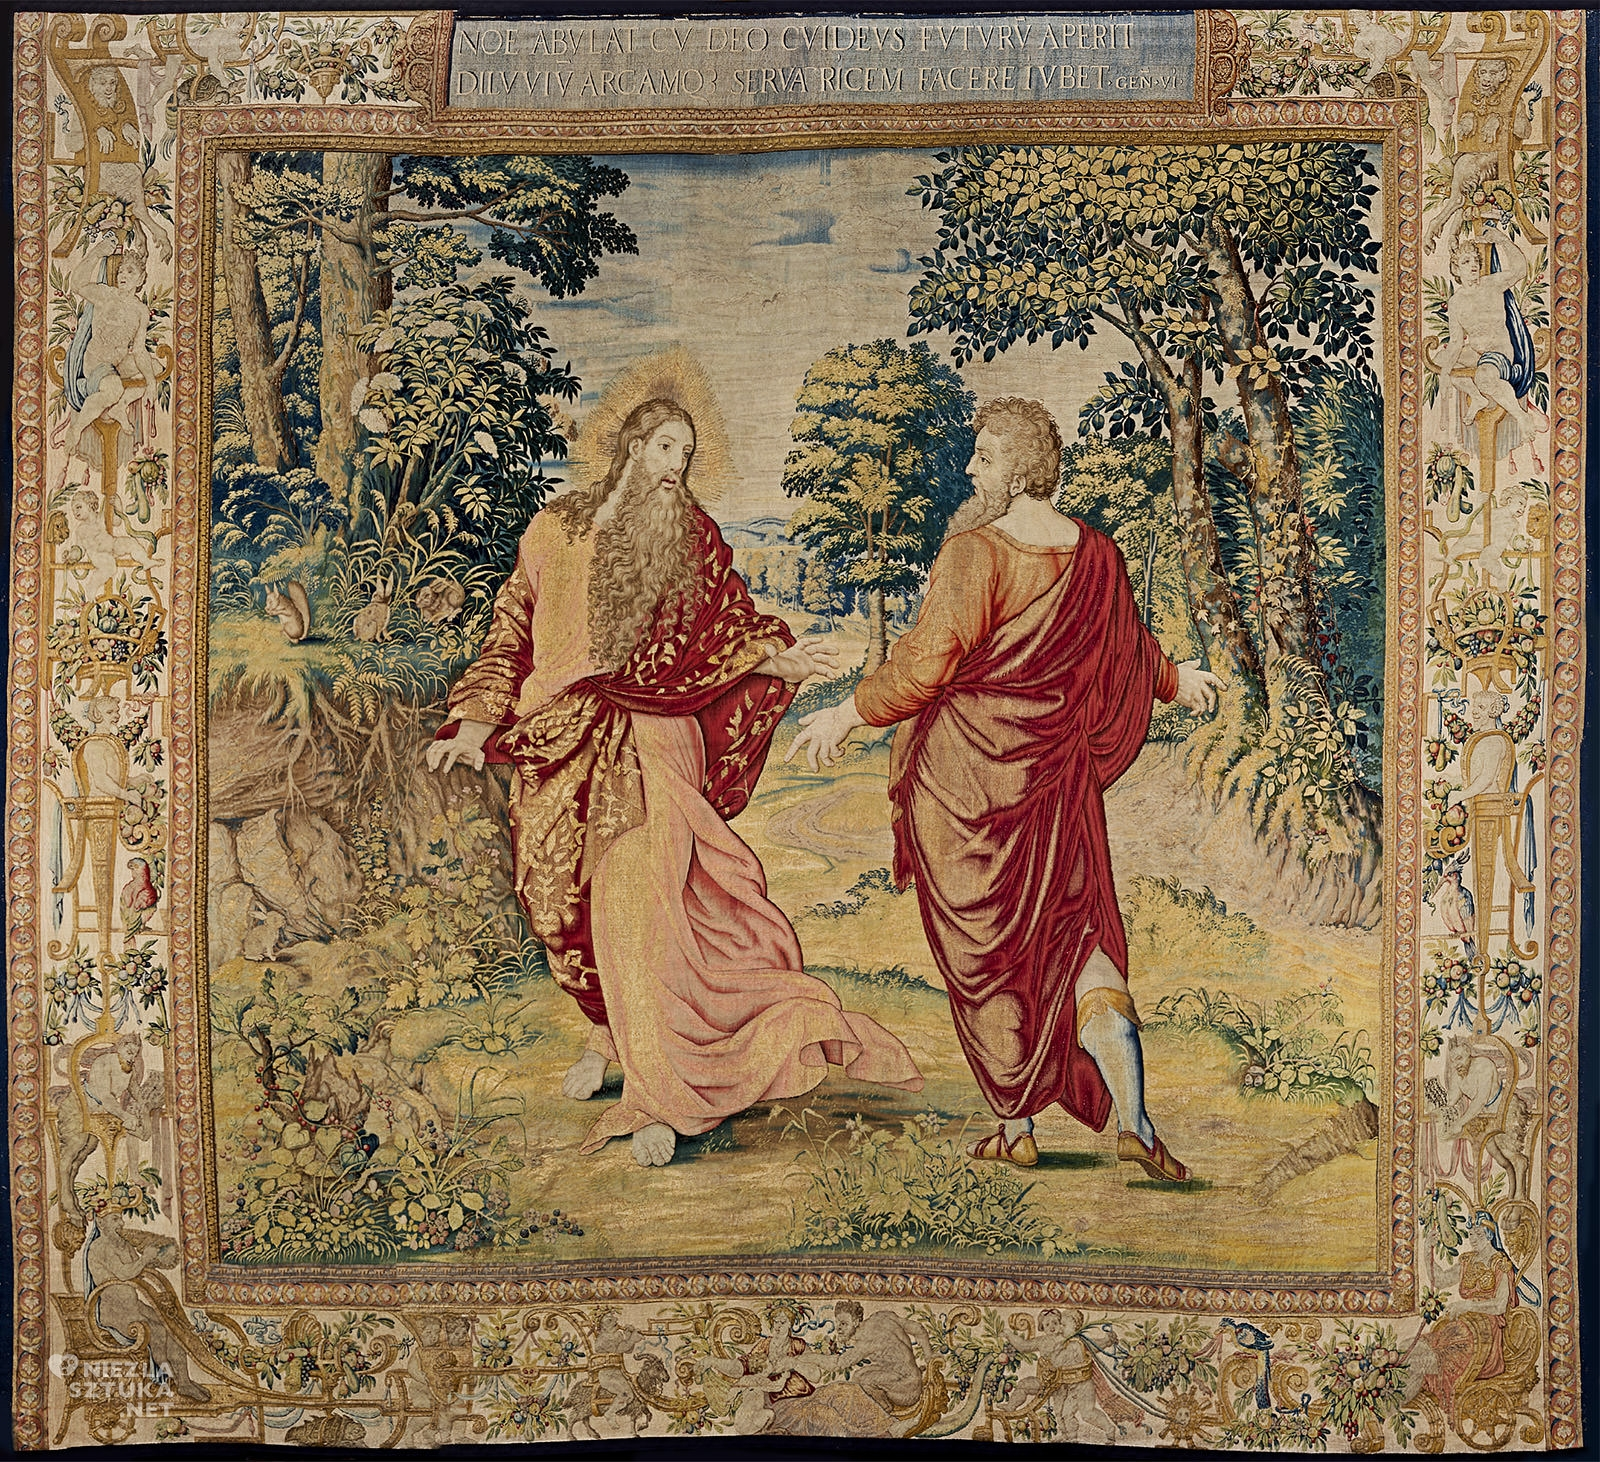 Arrasy wawelskie, arras, Noe, tkaniny królewskie, zamek królewski na Wawelu, król Zygmunt August, niezła sztuka